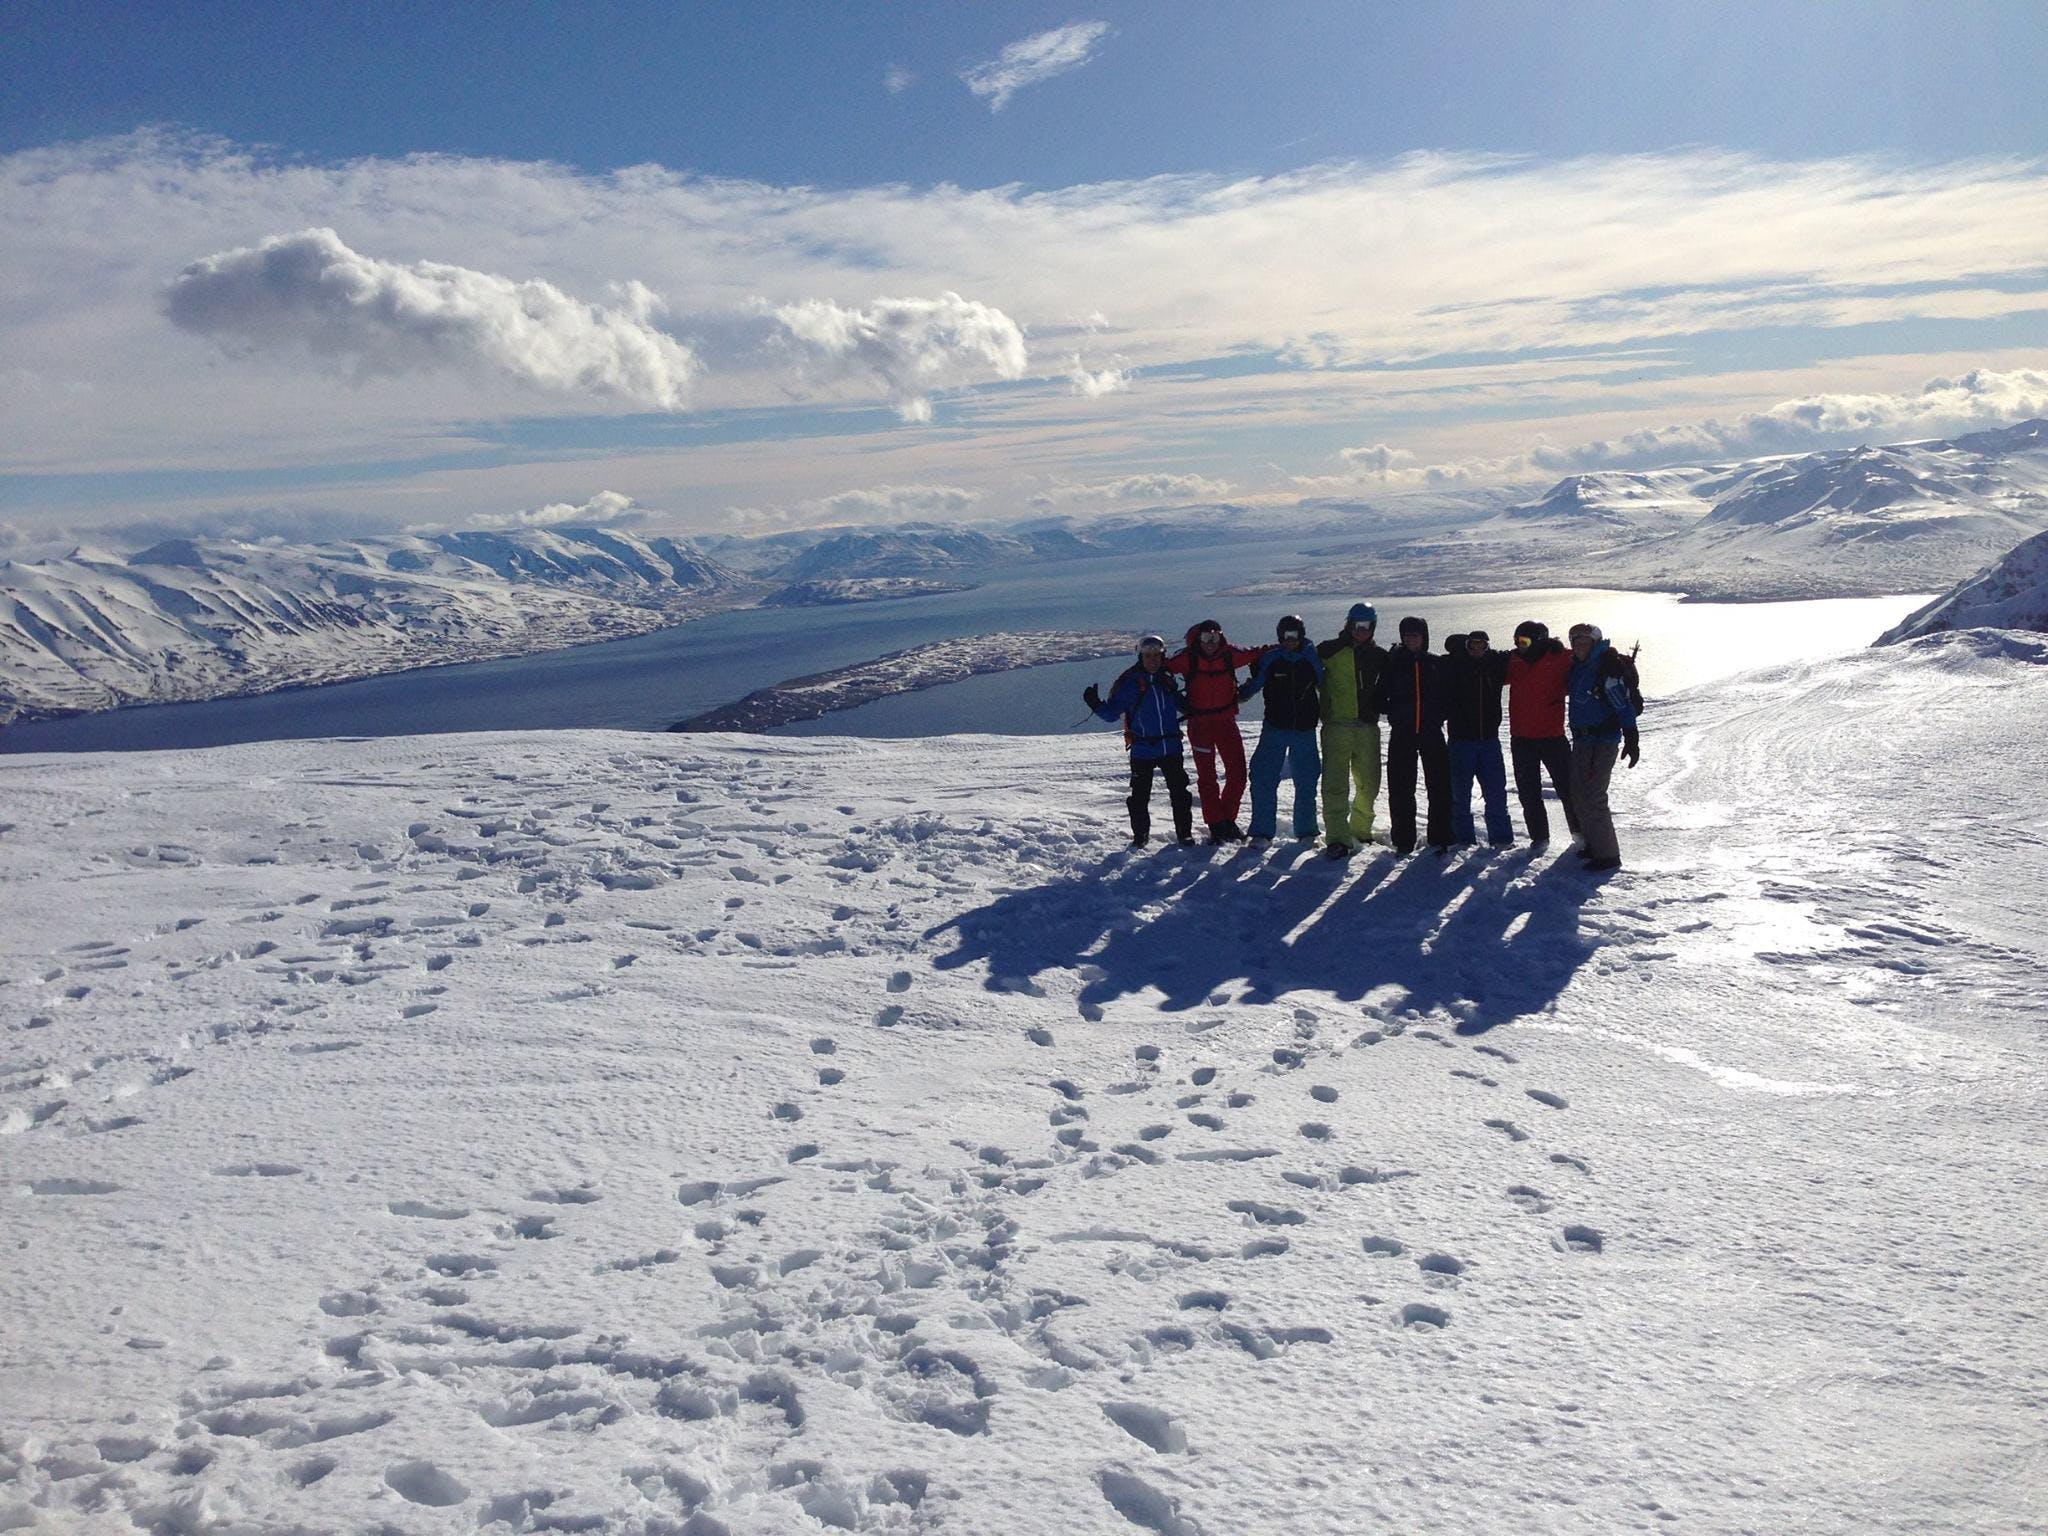 Snowcat Sightseeing on Múlakolla Mountain